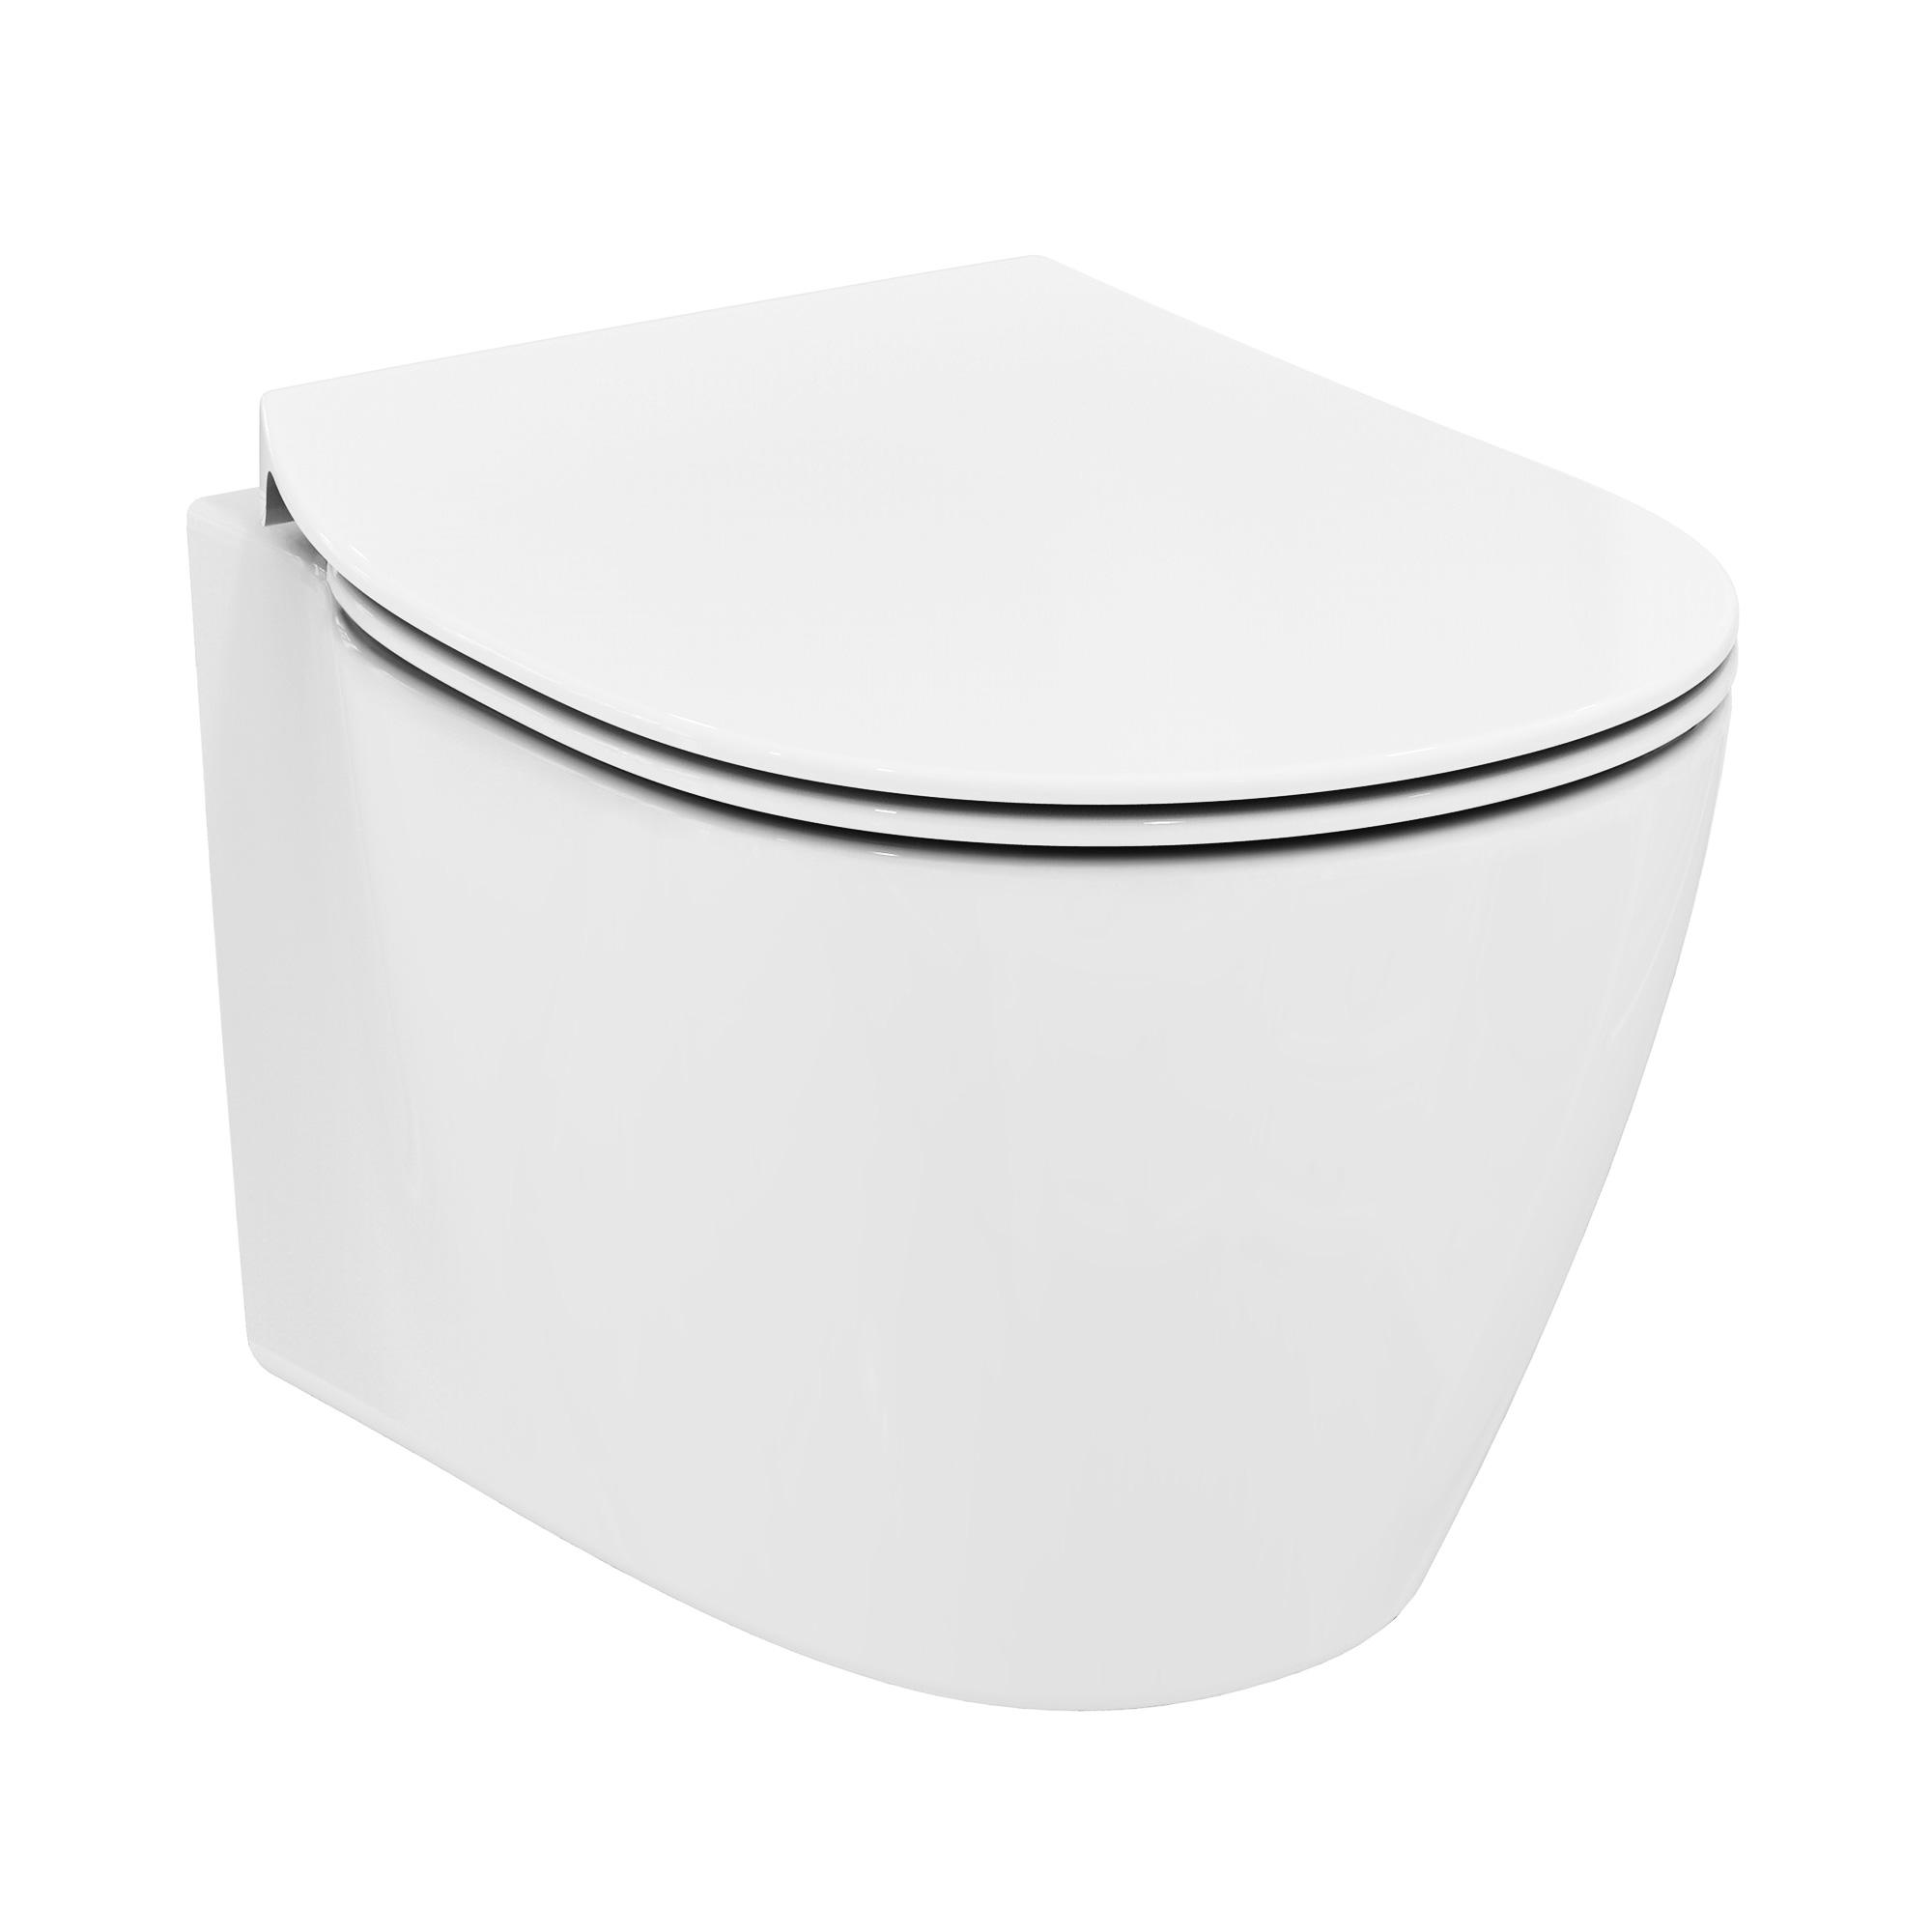 ideal standard connect space wand wc kompakt unsichtbare befestigung wei e121701 reuter. Black Bedroom Furniture Sets. Home Design Ideas